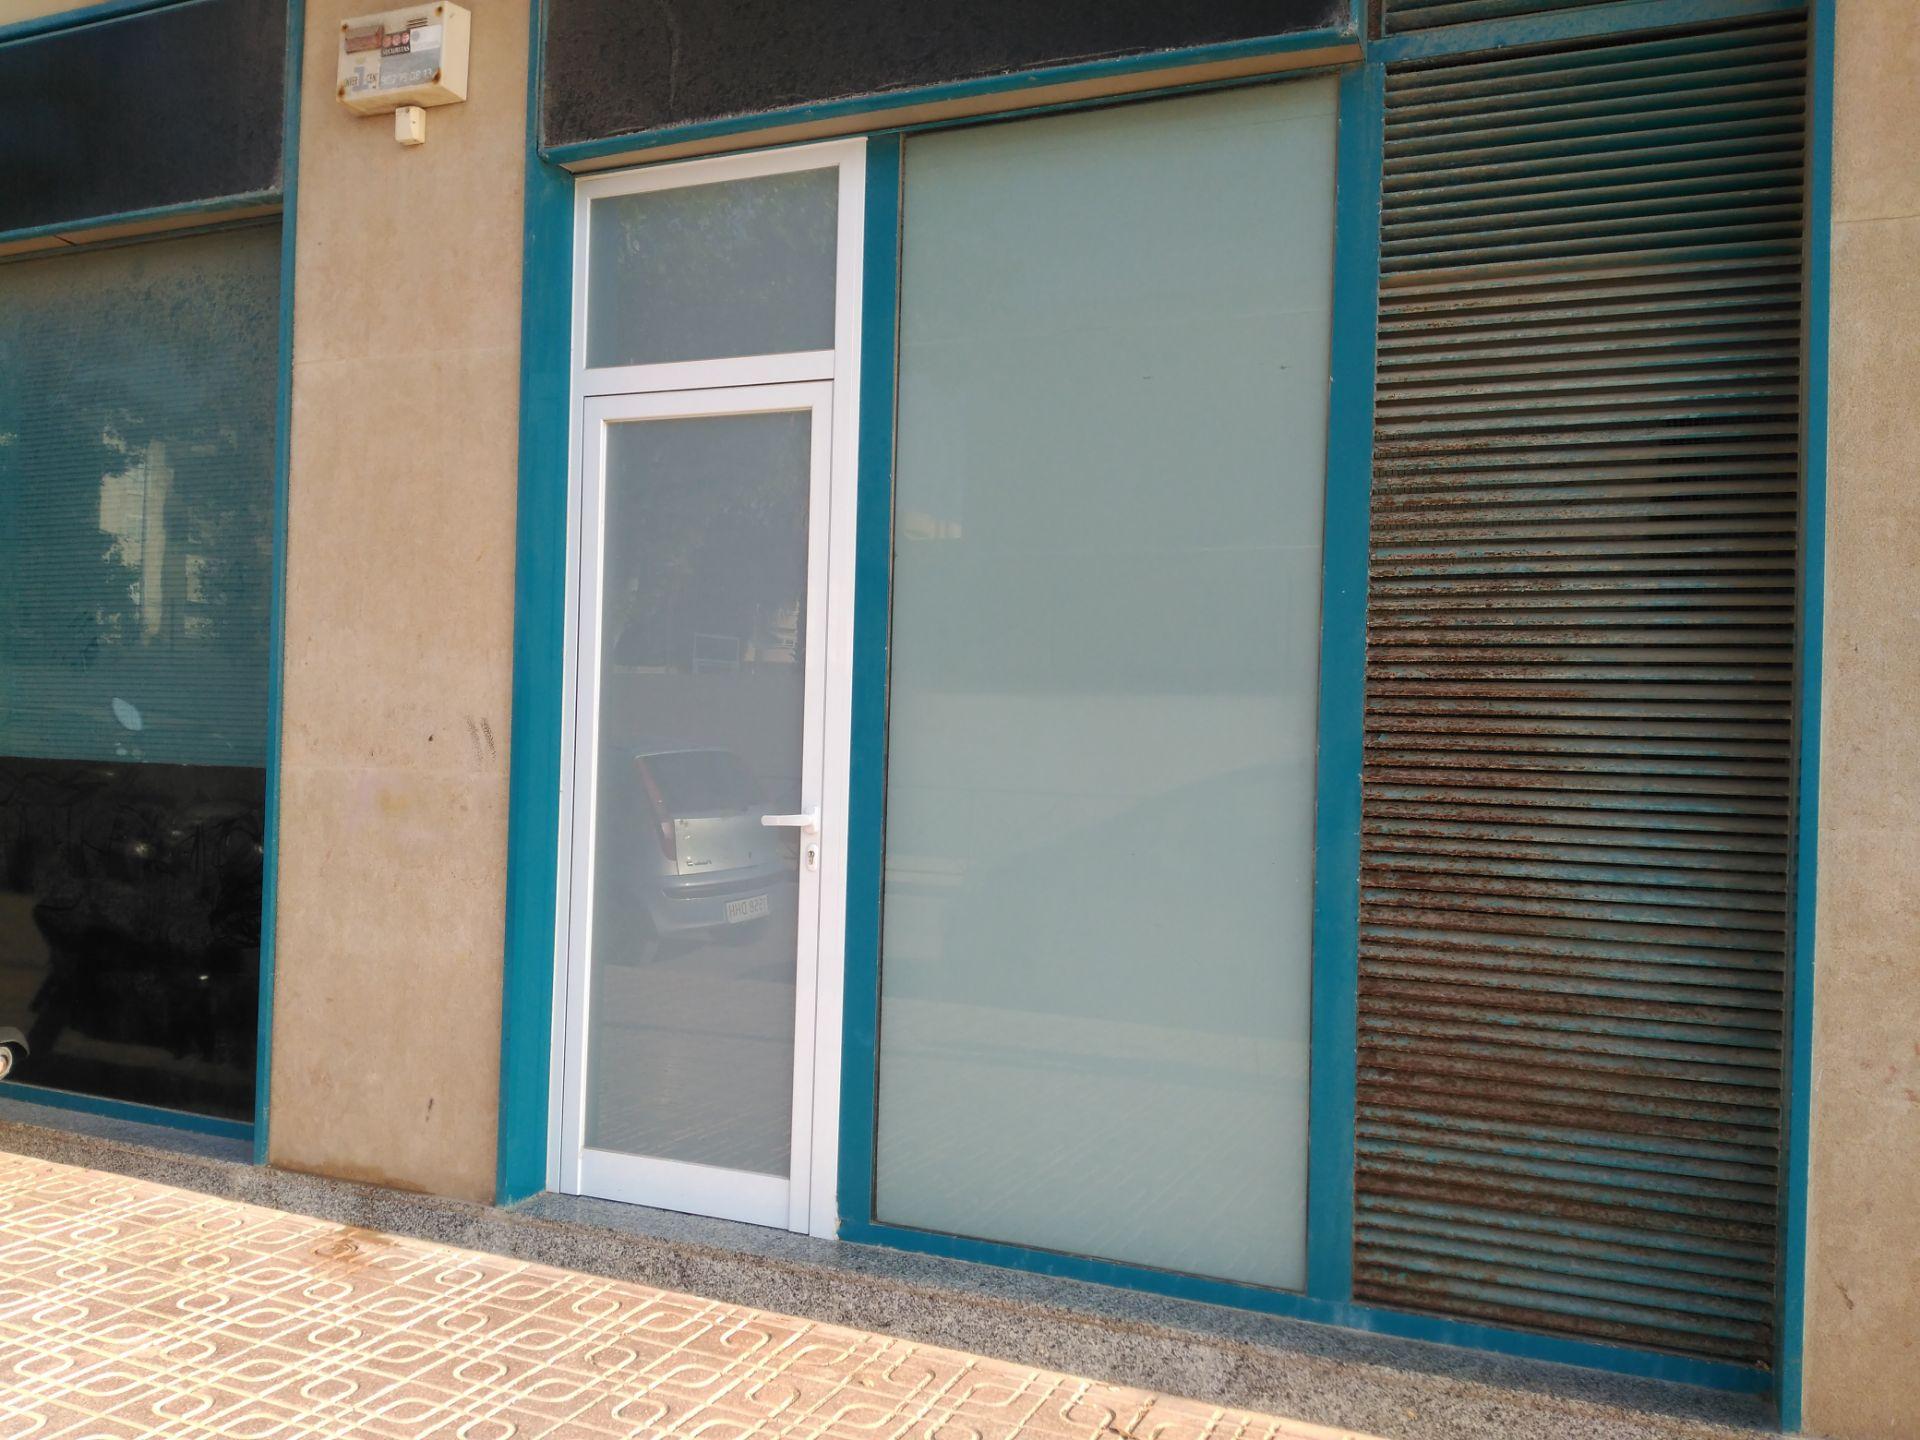 Local comercial en Sant Antoni de Portmany, SAN ANTONIO, alquiler